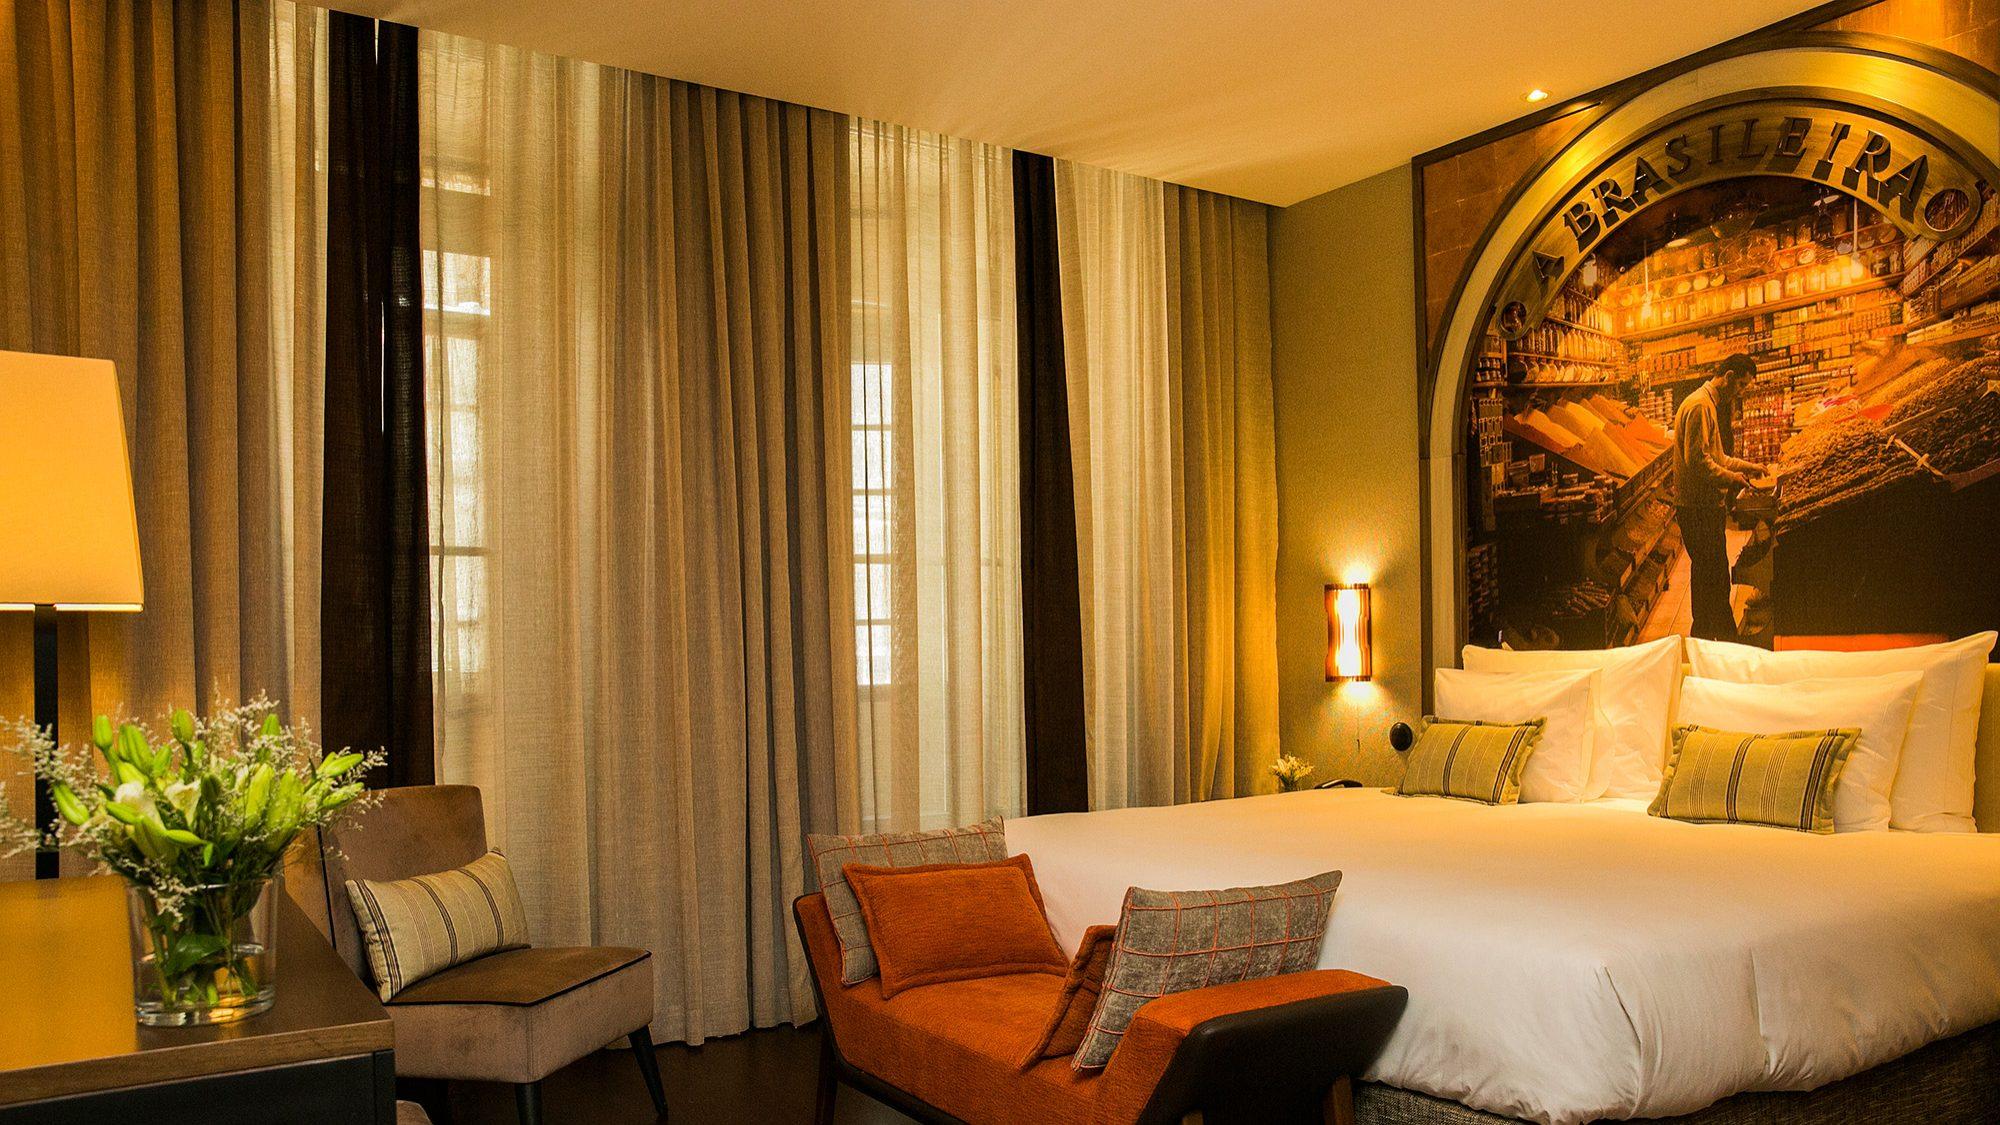 Novo hotel abre em março no edifício do café A Brasileira no Porto